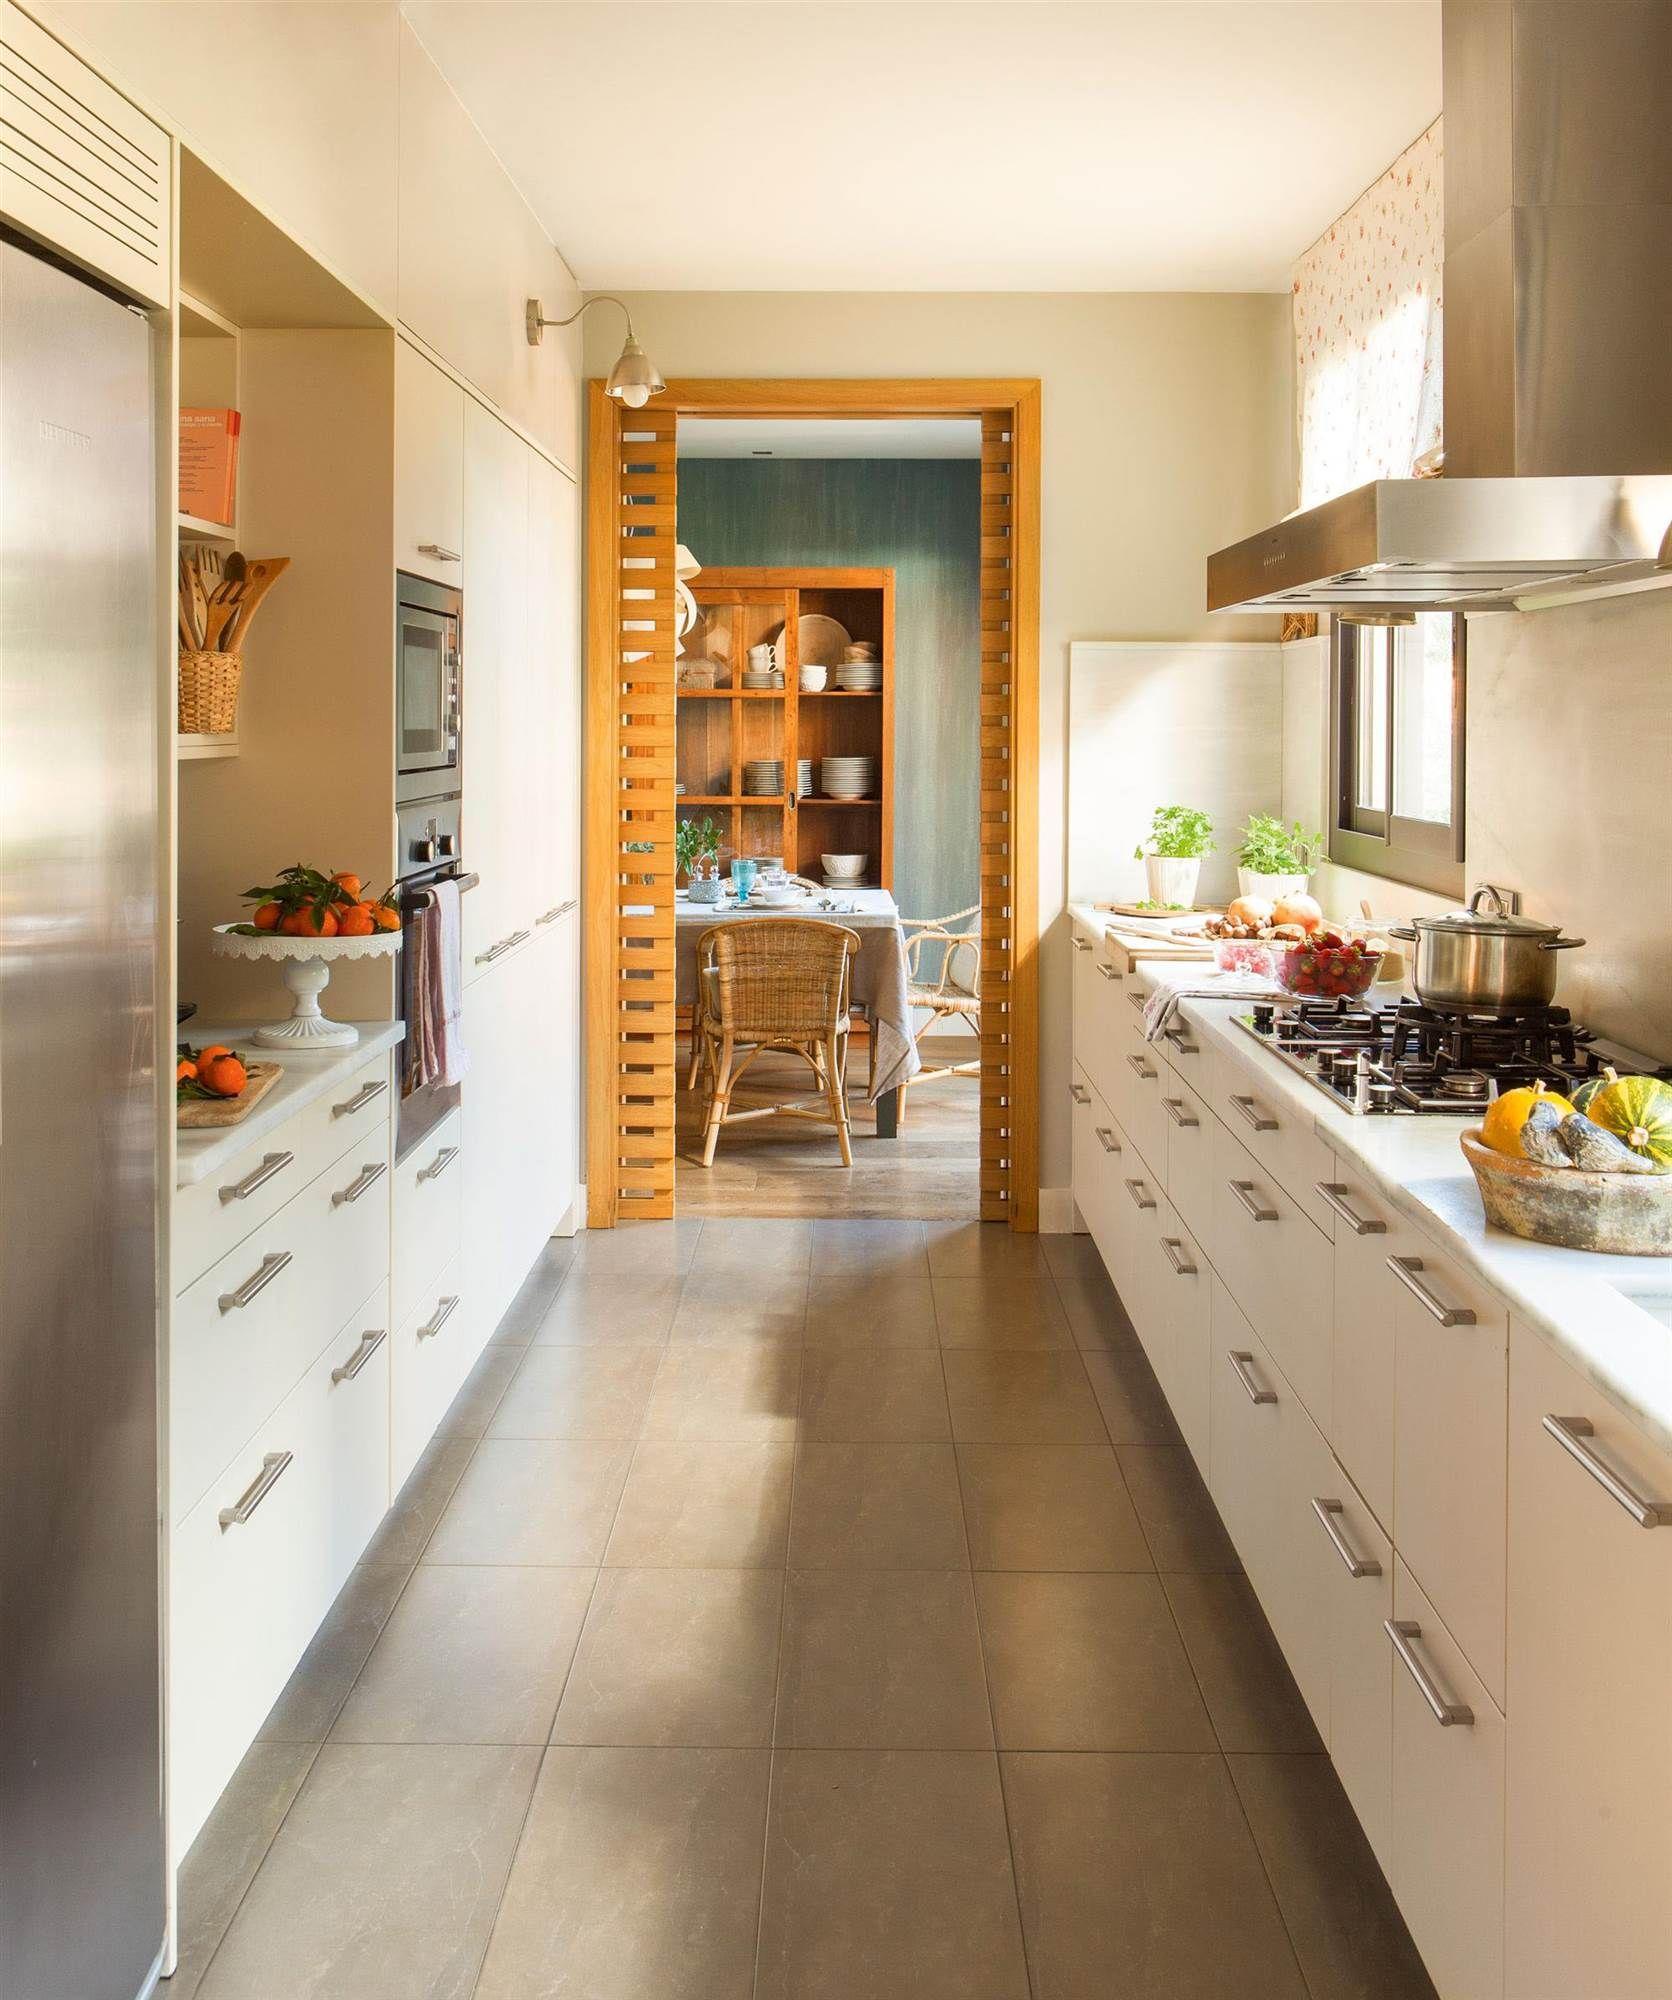 Cocina abierta o cerrada cocinas pinterest cocinas for Diseno cocinas paralelo